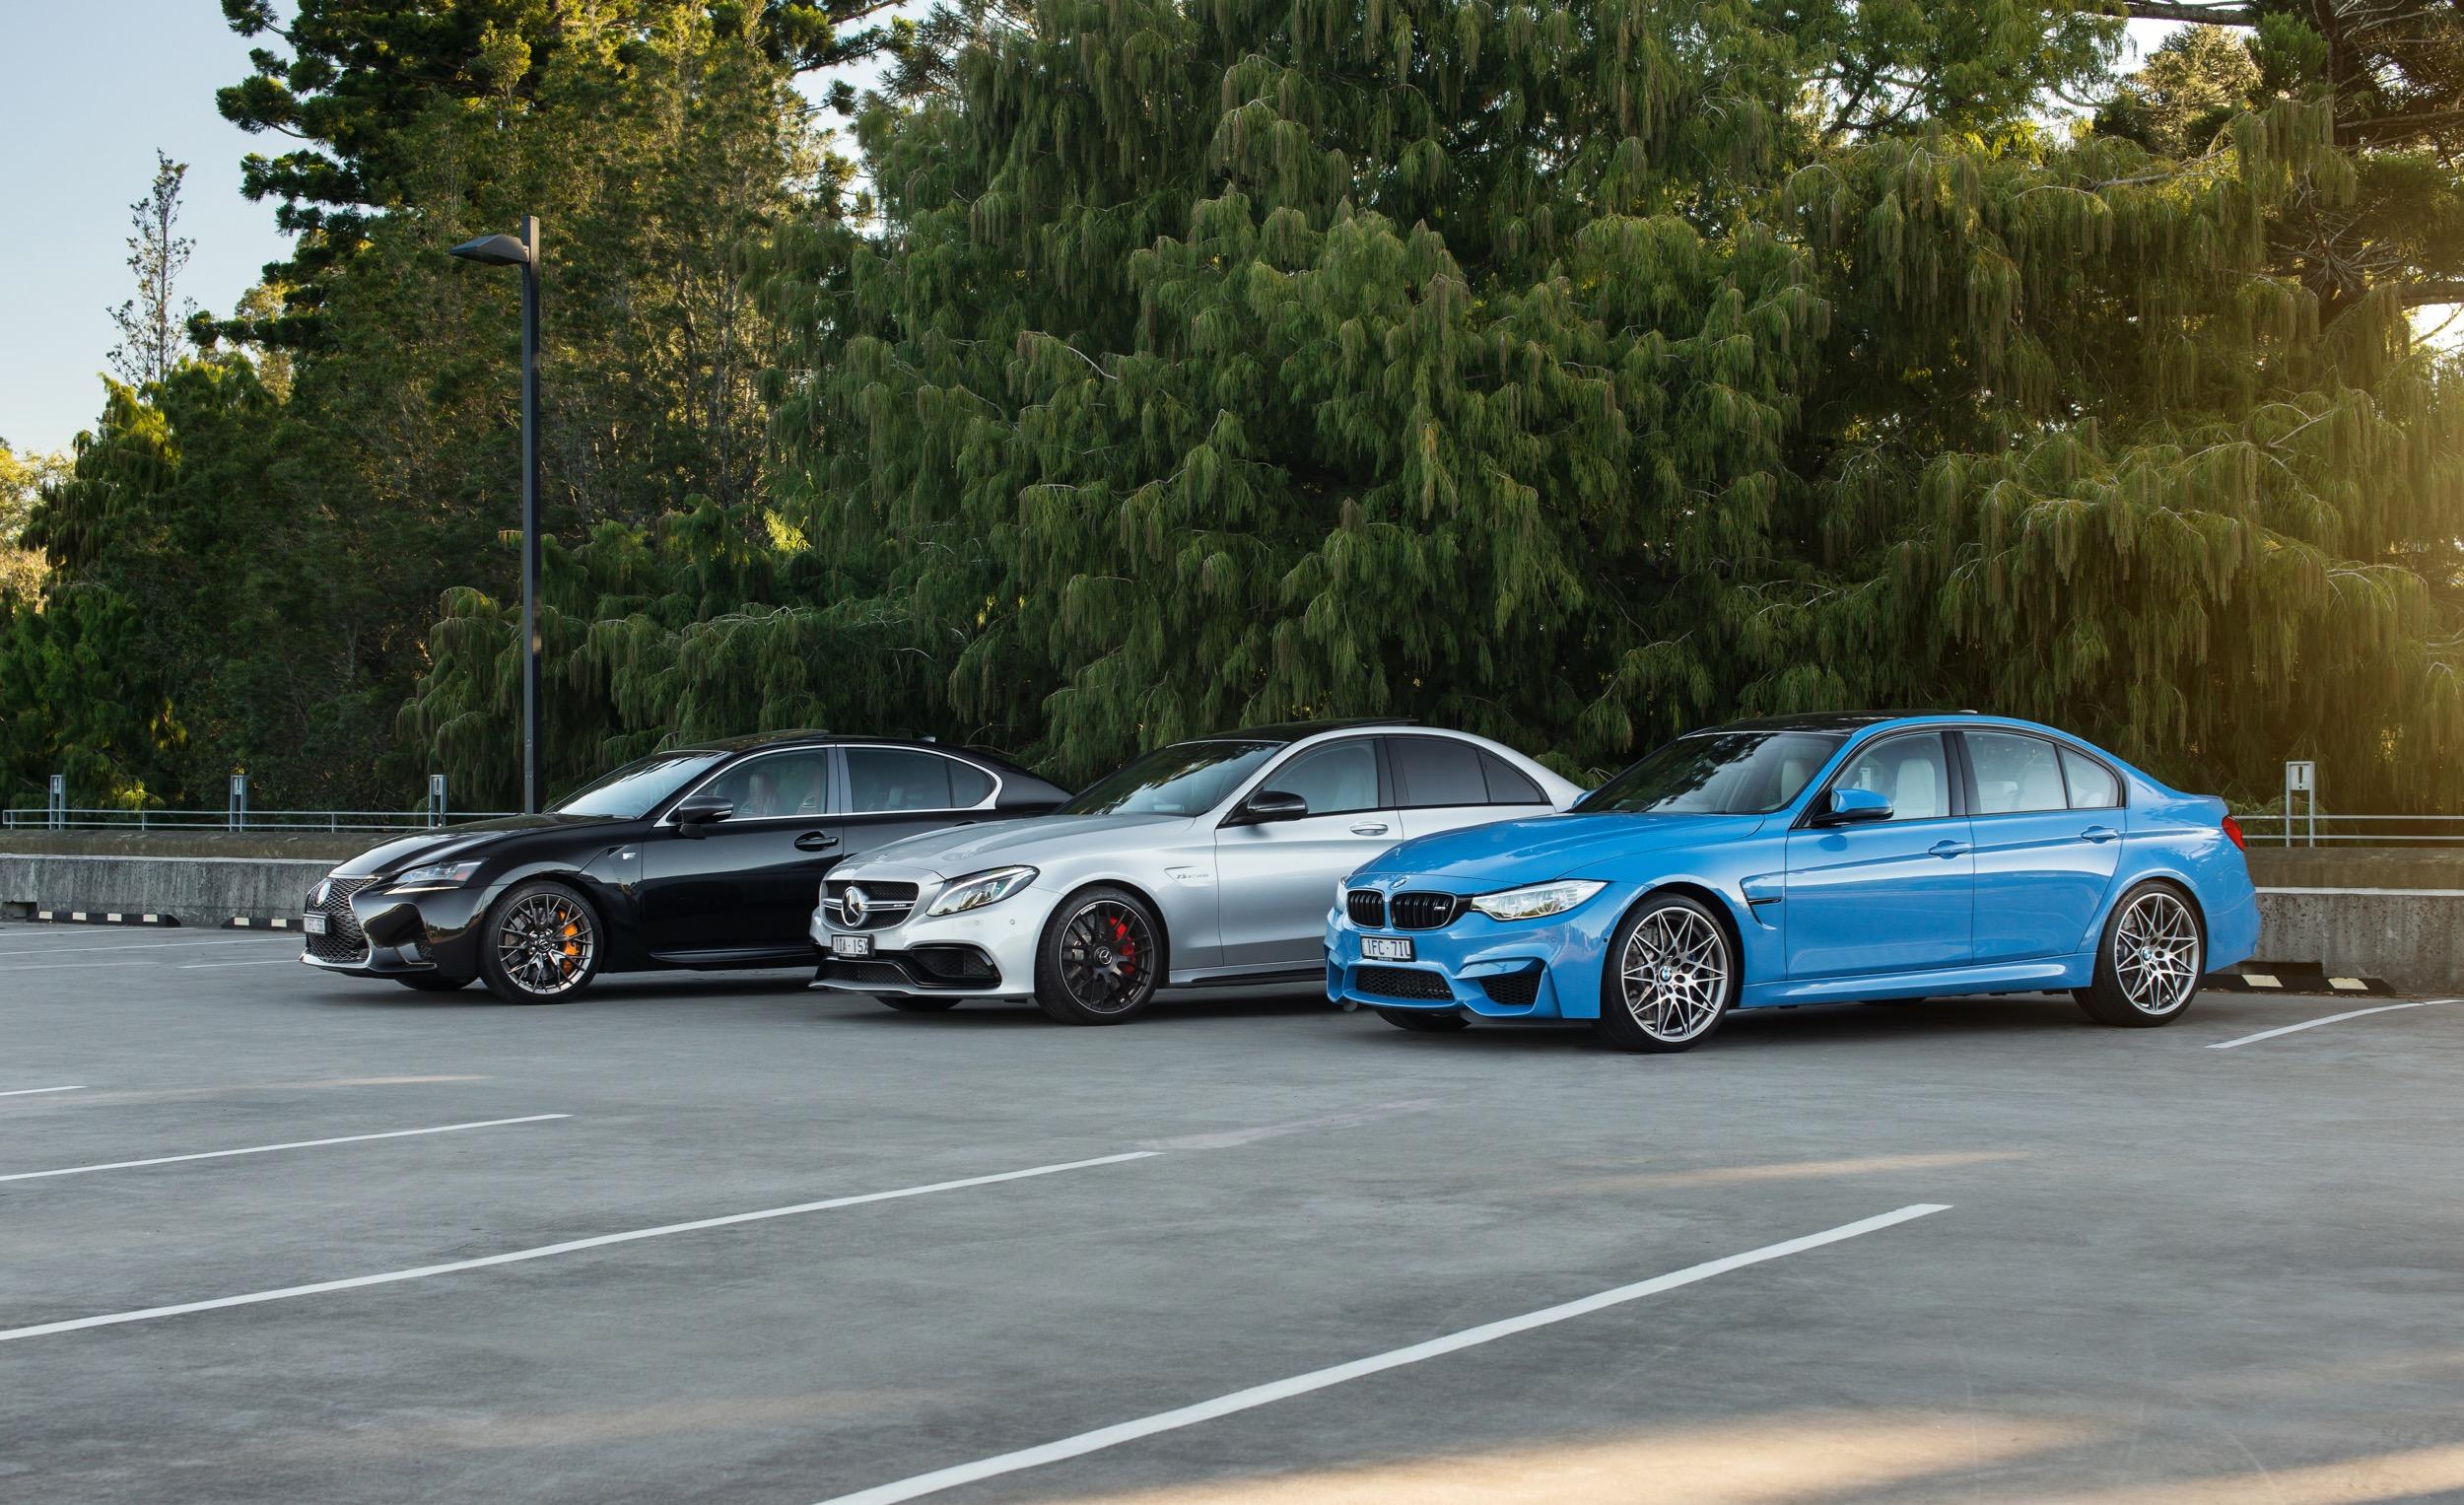 Bmw m3 v lexus gs f v mercedes amg c63 s comparison for Mercedes benz gs